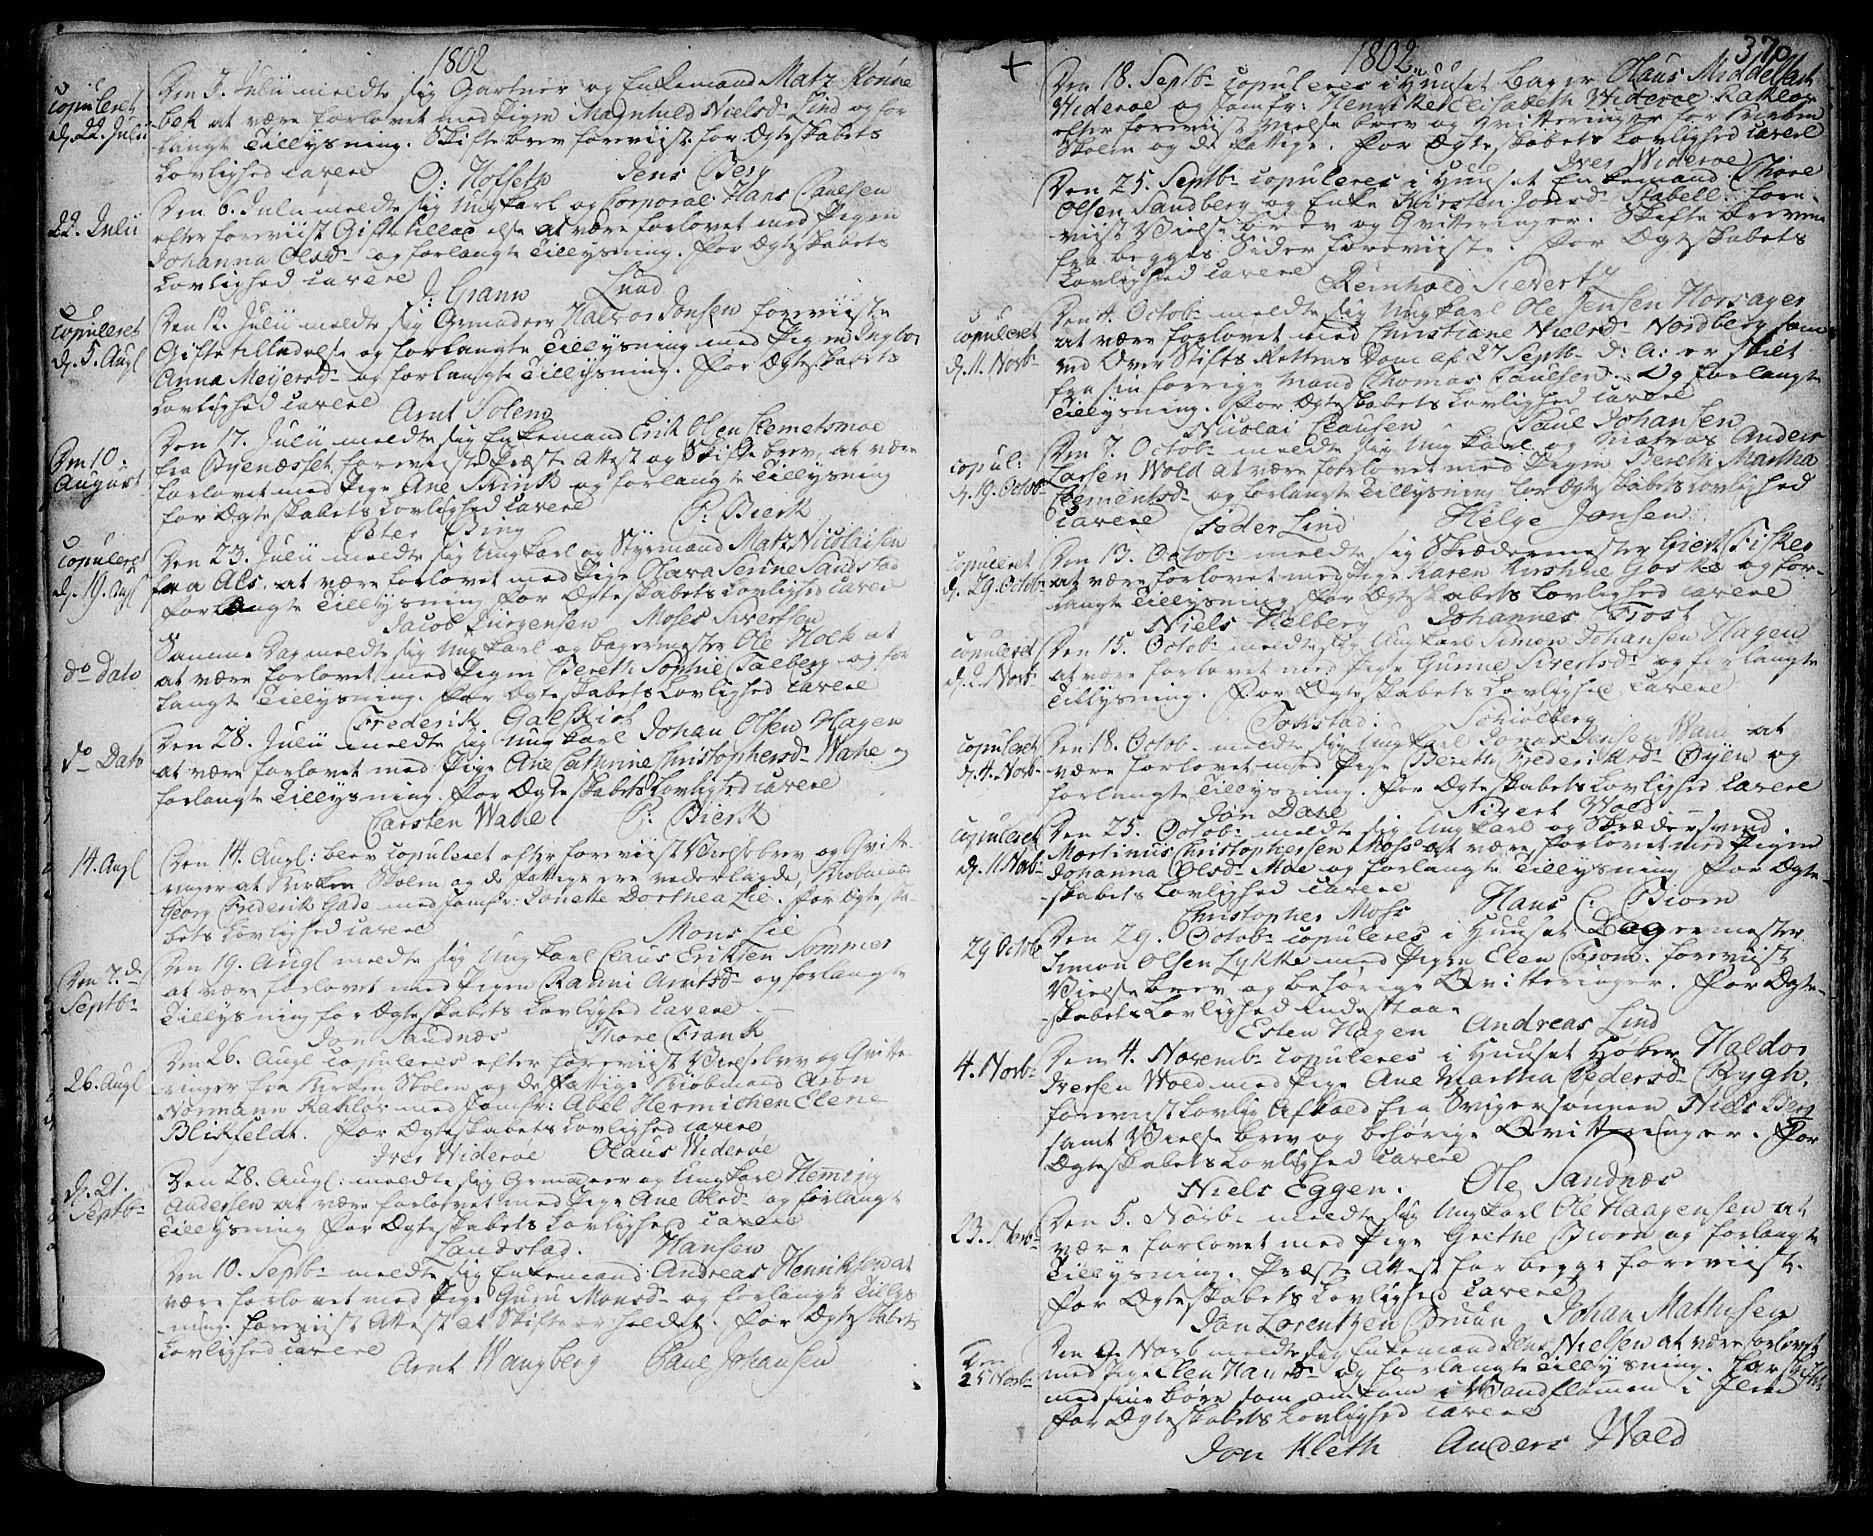 SAT, Ministerialprotokoller, klokkerbøker og fødselsregistre - Sør-Trøndelag, 601/L0038: Ministerialbok nr. 601A06, 1766-1877, s. 370